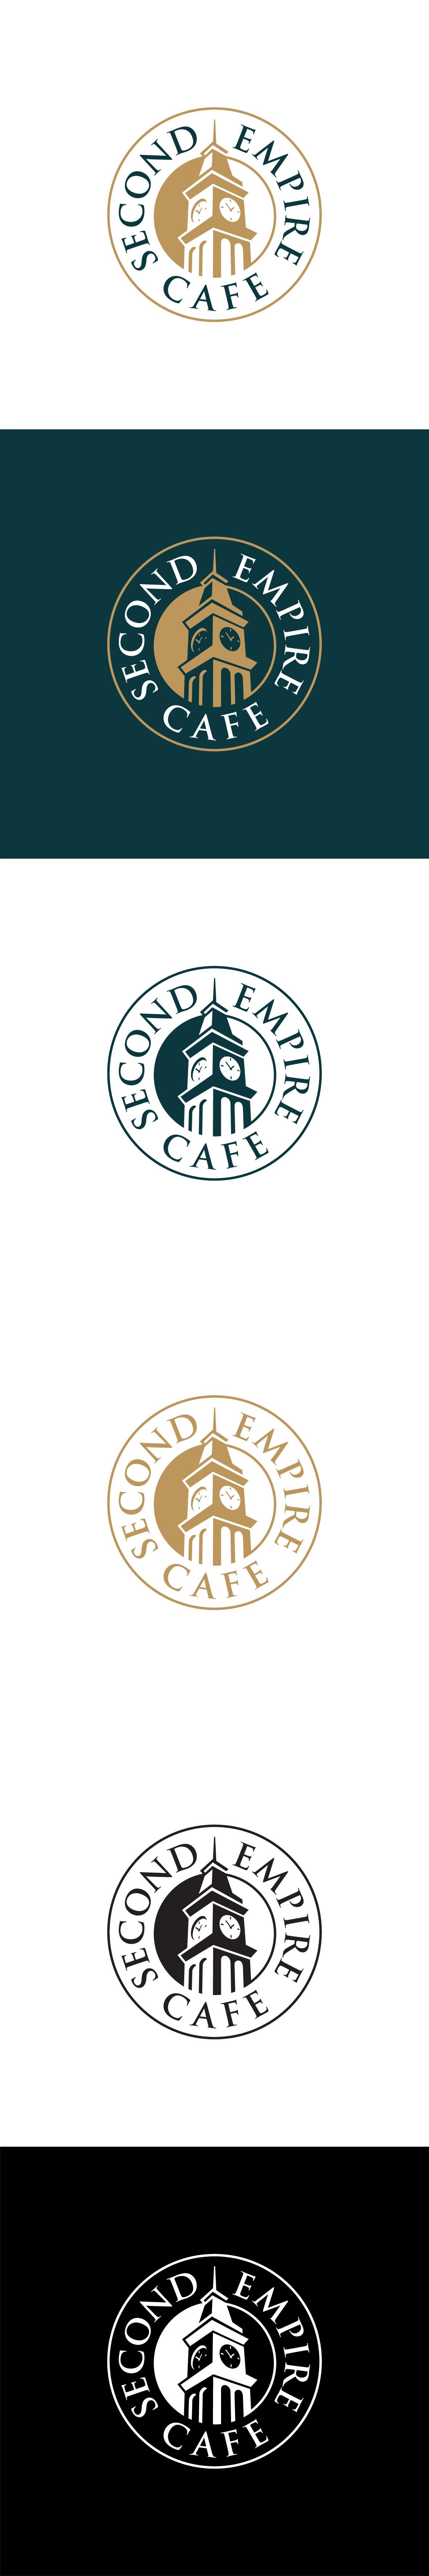 Second Empire Cafe Logo design